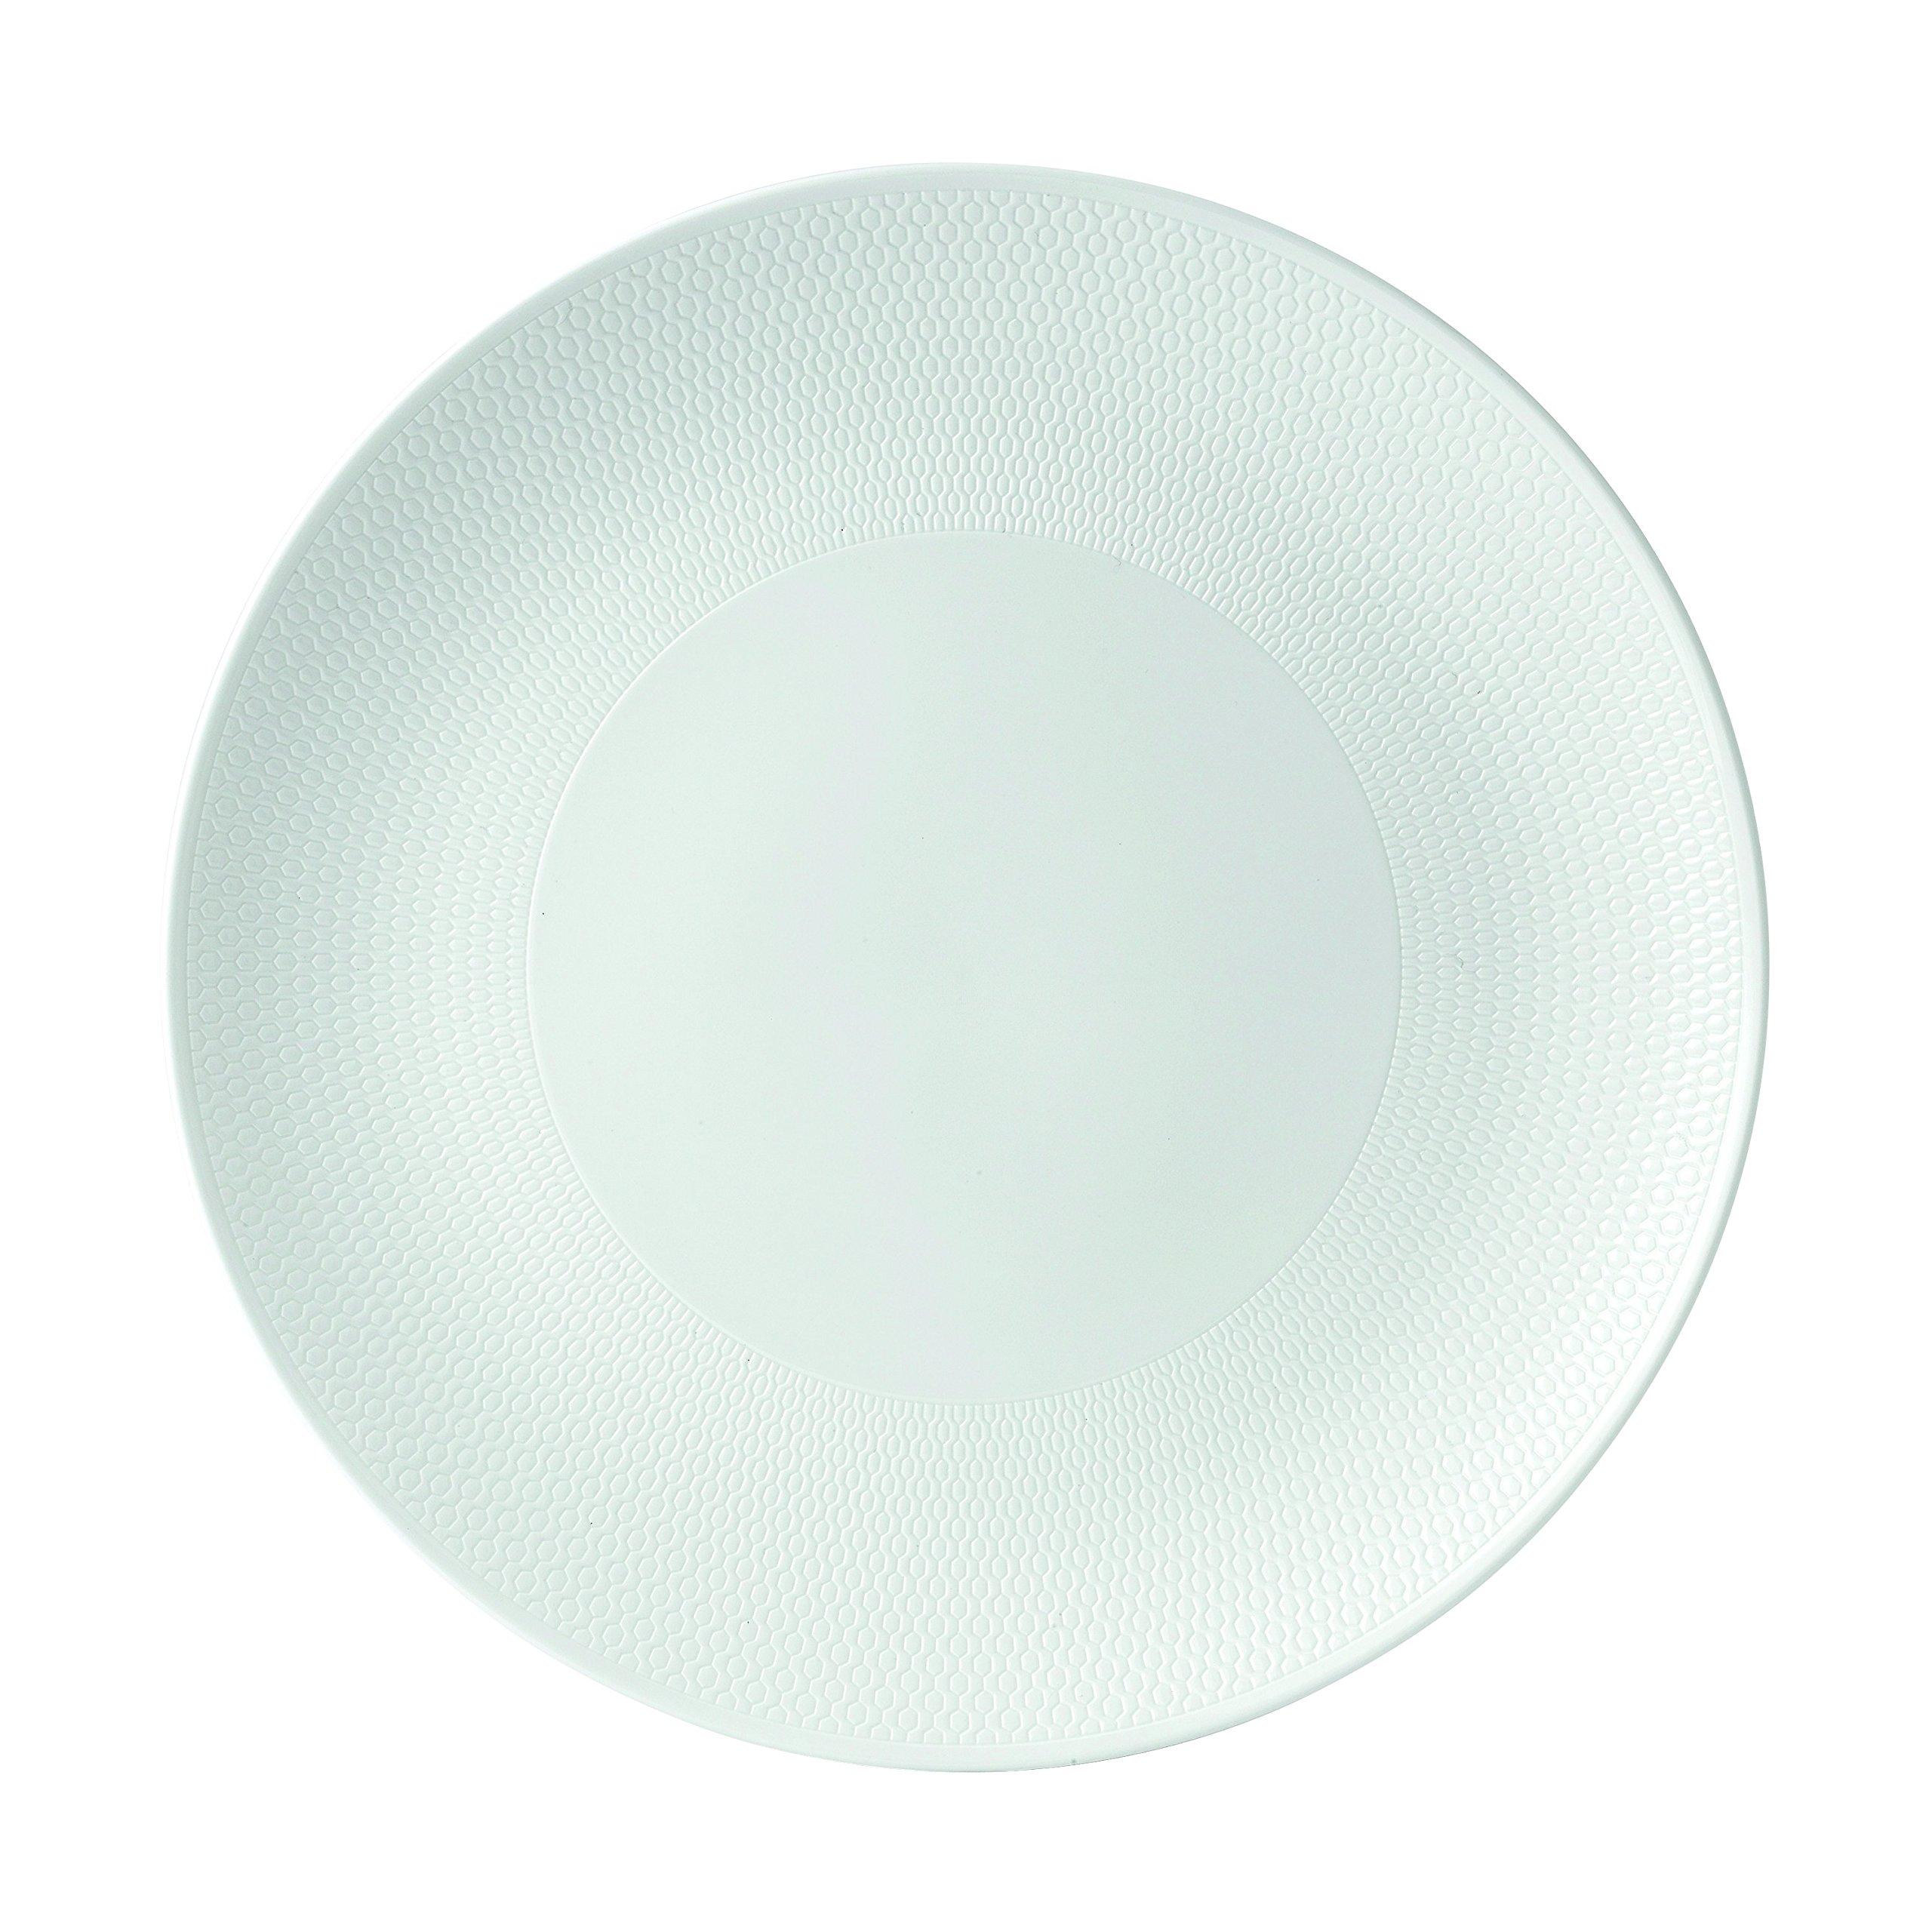 Wedgwood 40023847 Gio Serving Platter 12.8'', White